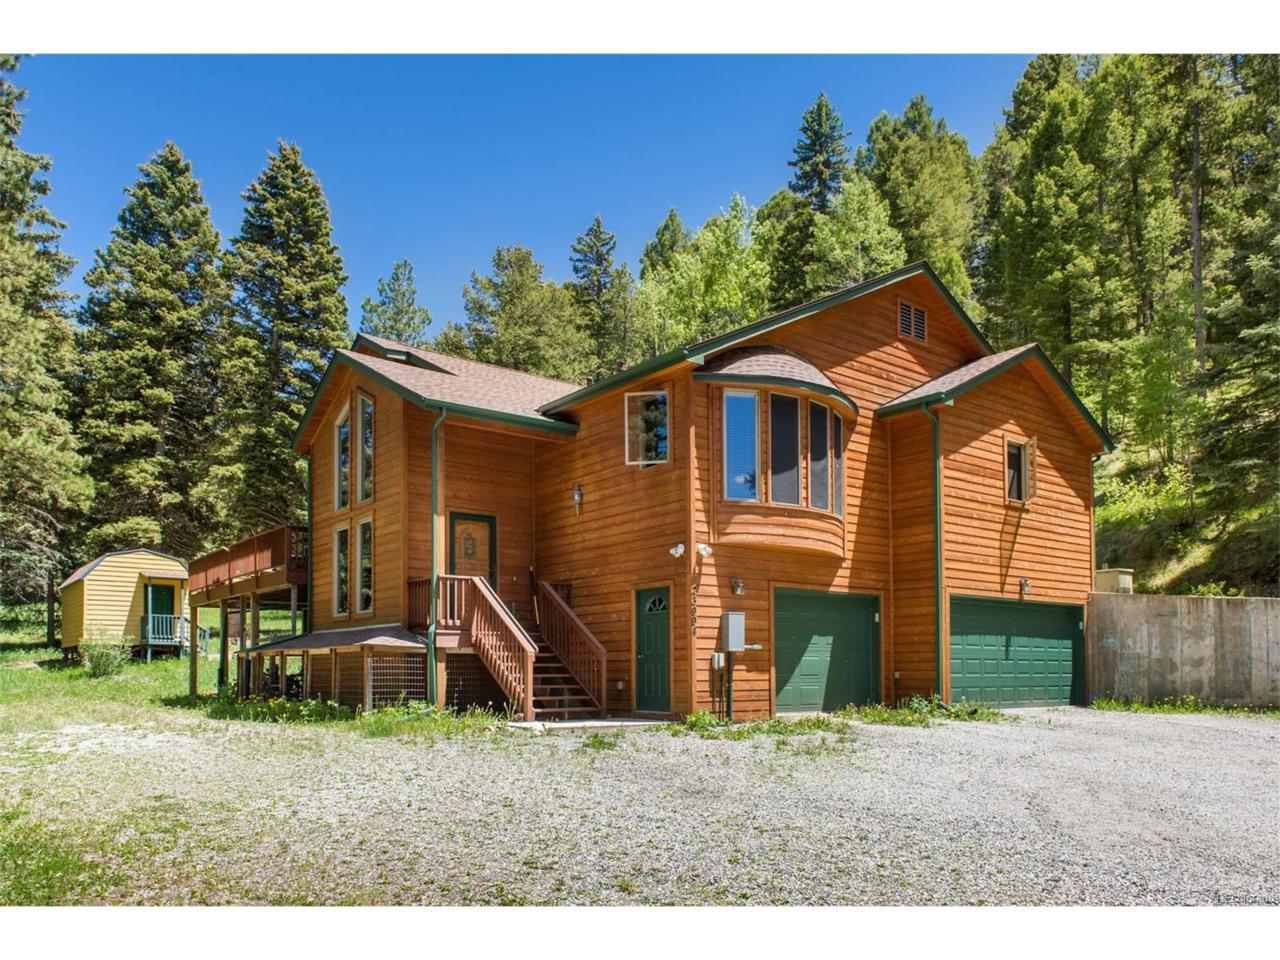 23994 Running Deer Road, Conifer, CO 80433 (MLS #2477718) :: 8z Real Estate